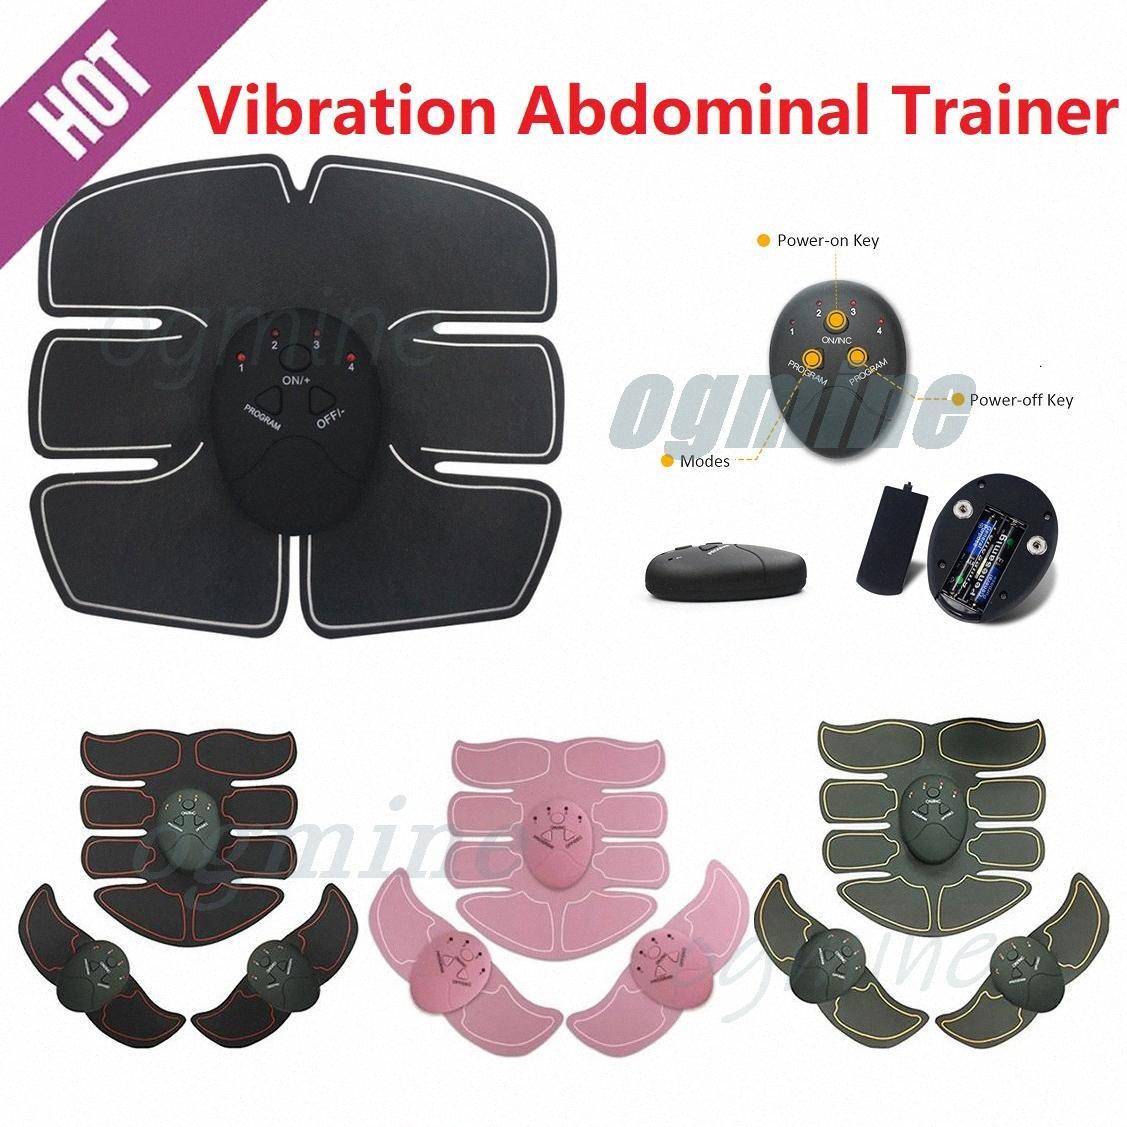 Muscles AB Roller Stimulateur Stimulateur Minceur Machine Shaper Abdominal Muscle Exerciseur d'entraînement Fat Burn Burning Buildge Bâtiment FitnessJu6s #